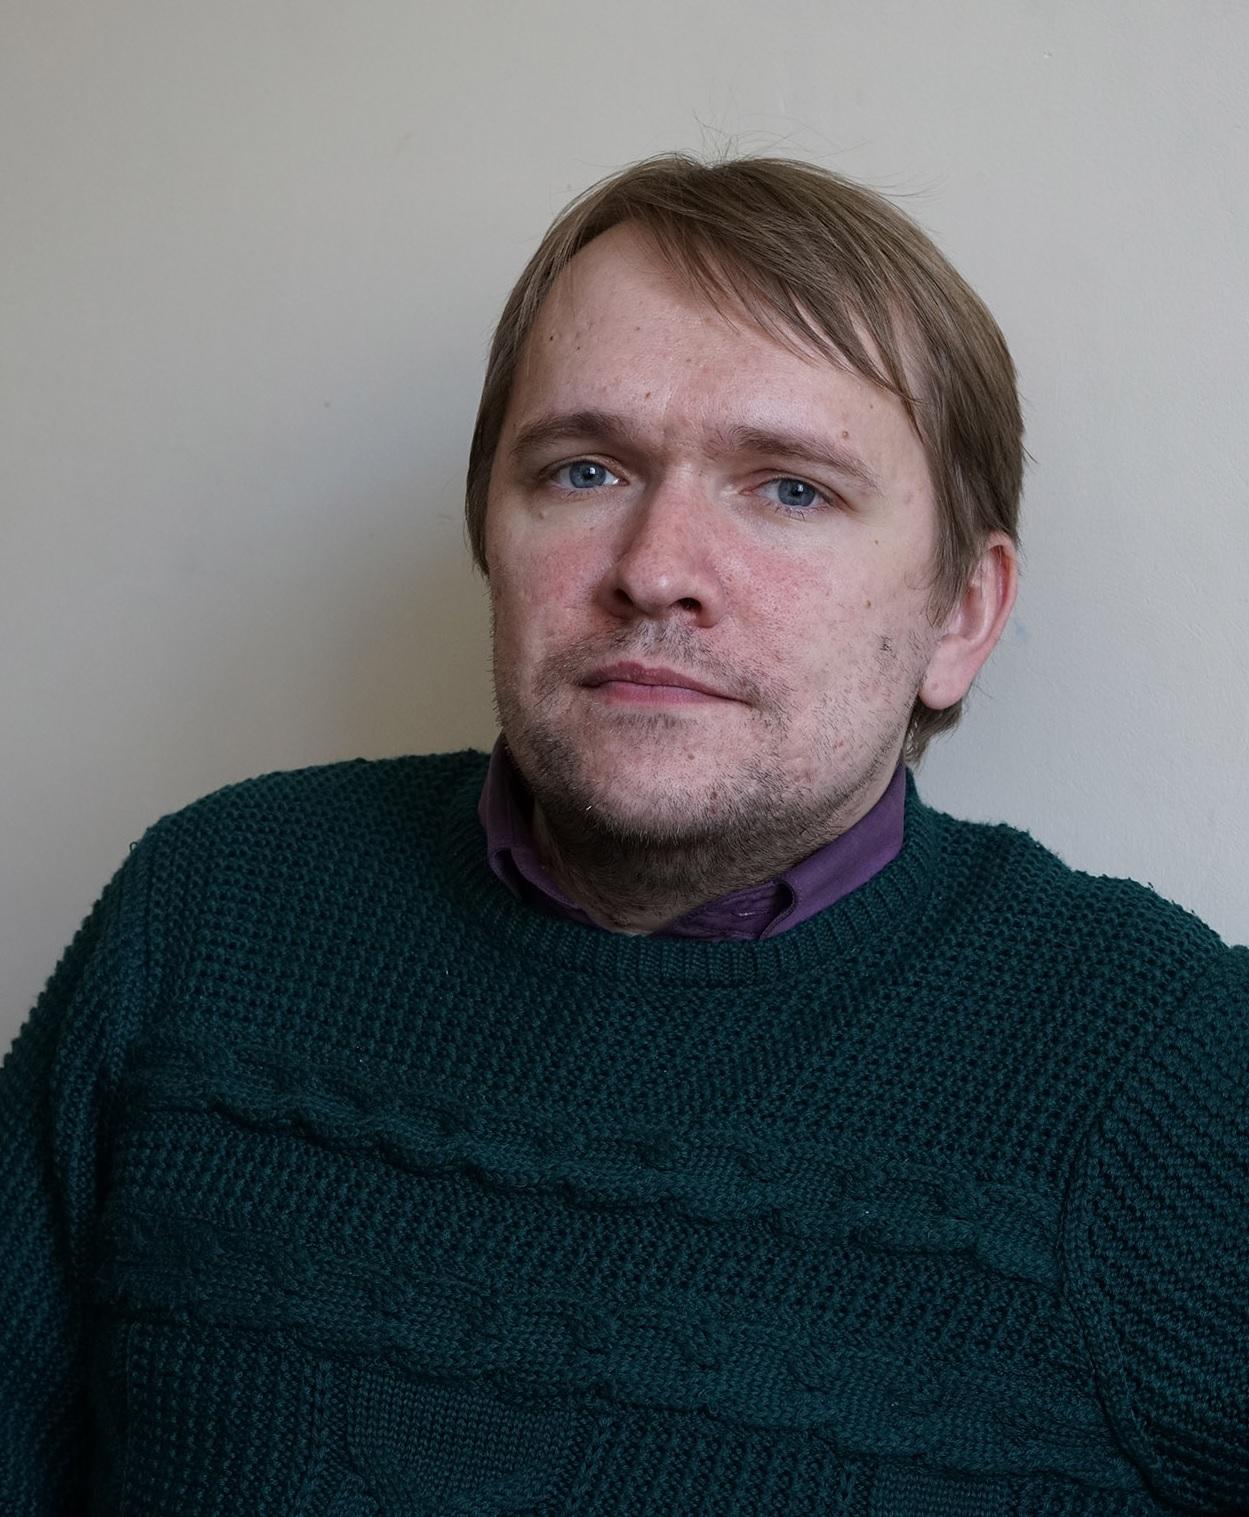 Зайцевский Сергей Сергеевич